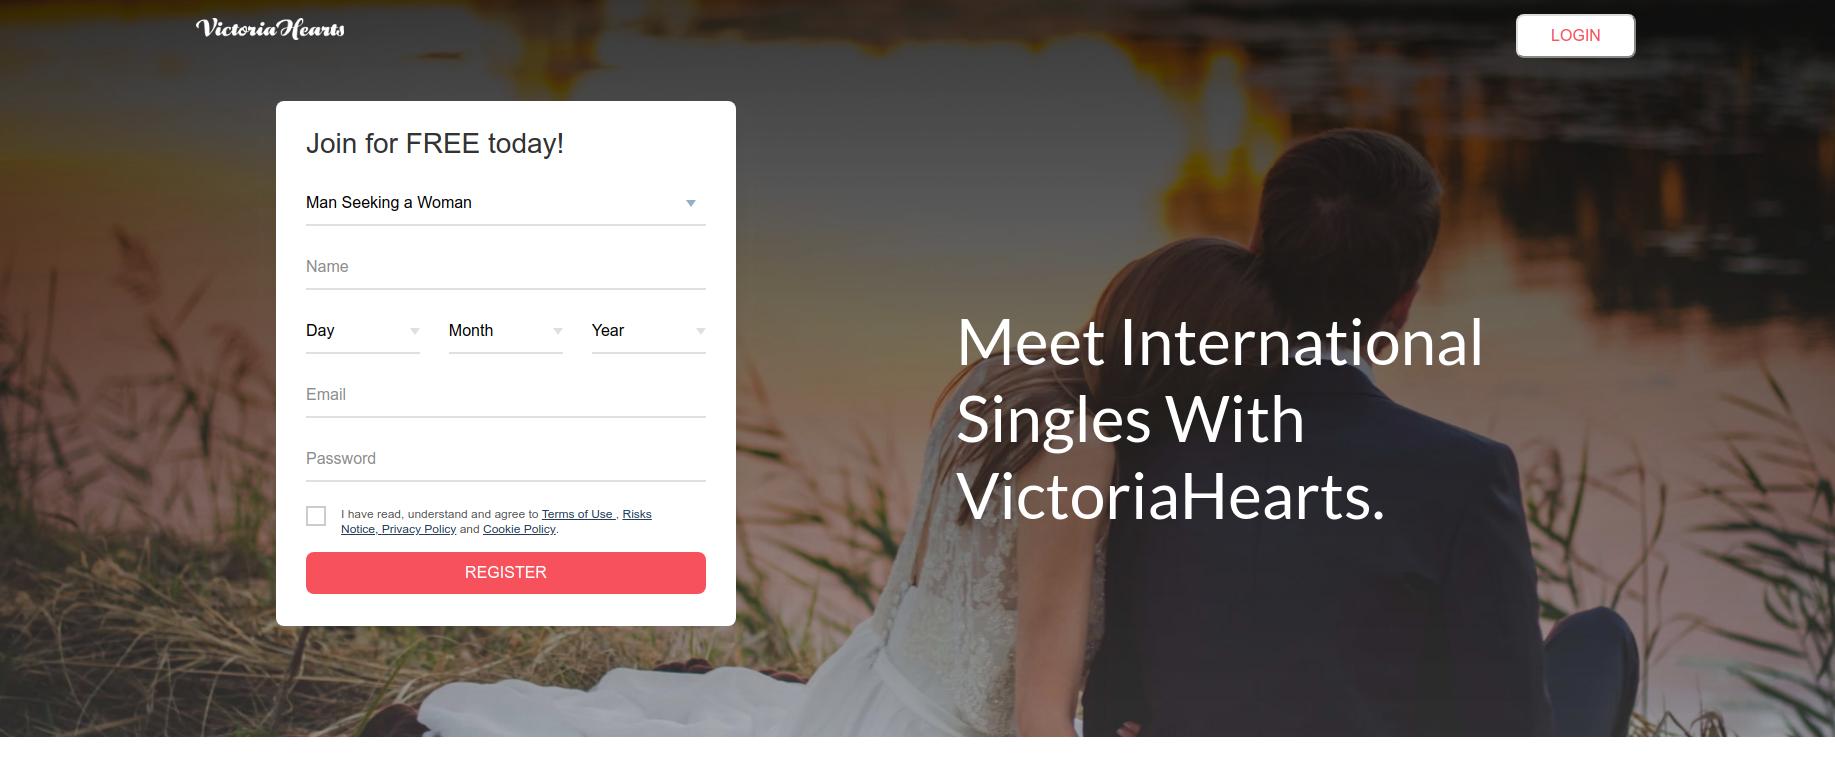 VictoriaHearts.com-4